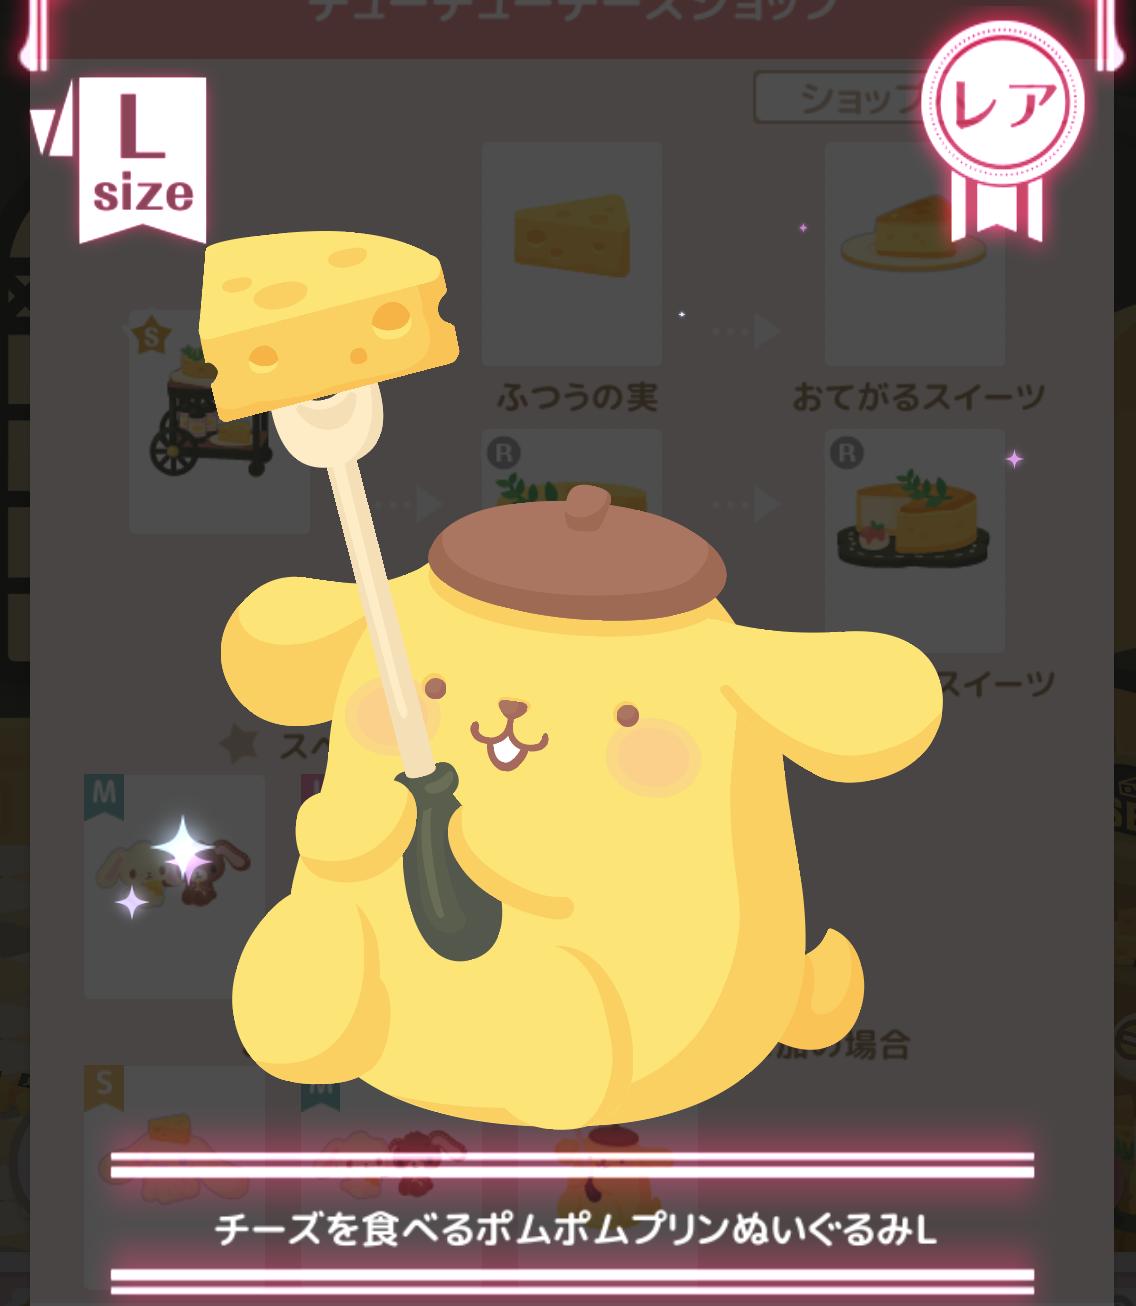 チーズを食べるポムポムプリンぬいぐるみL